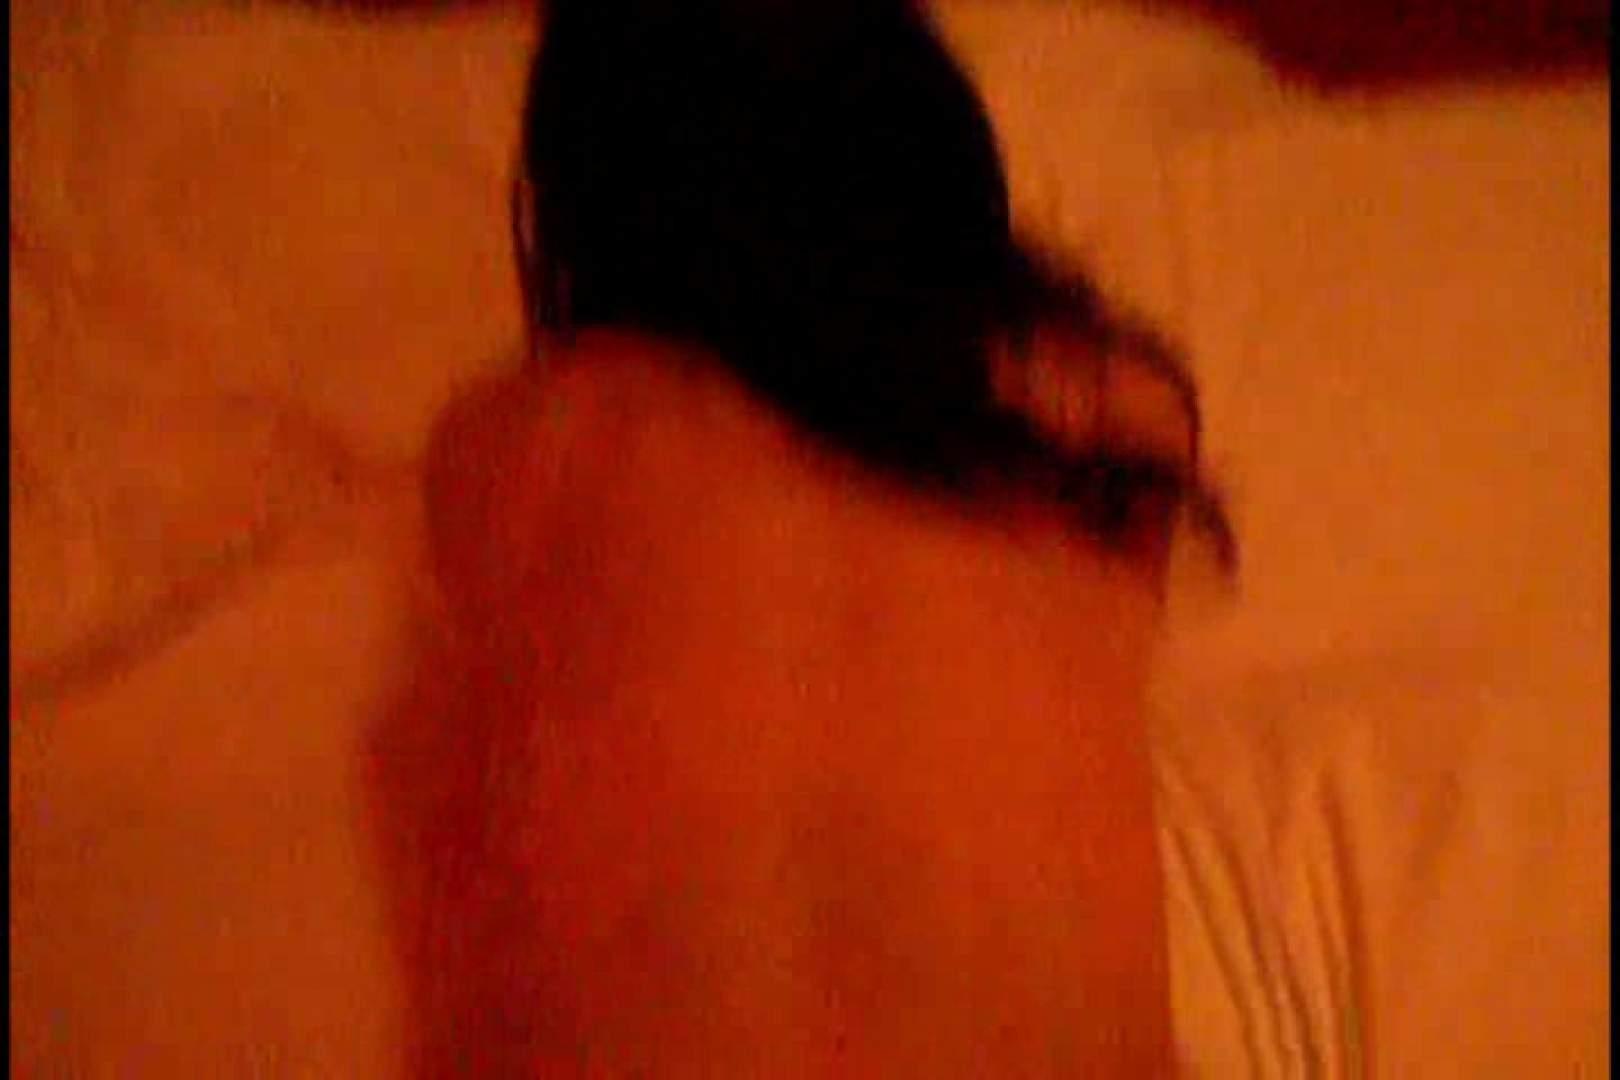 某掲示板に投稿された素人女性たちVOL.9 ホテル  85連発 42